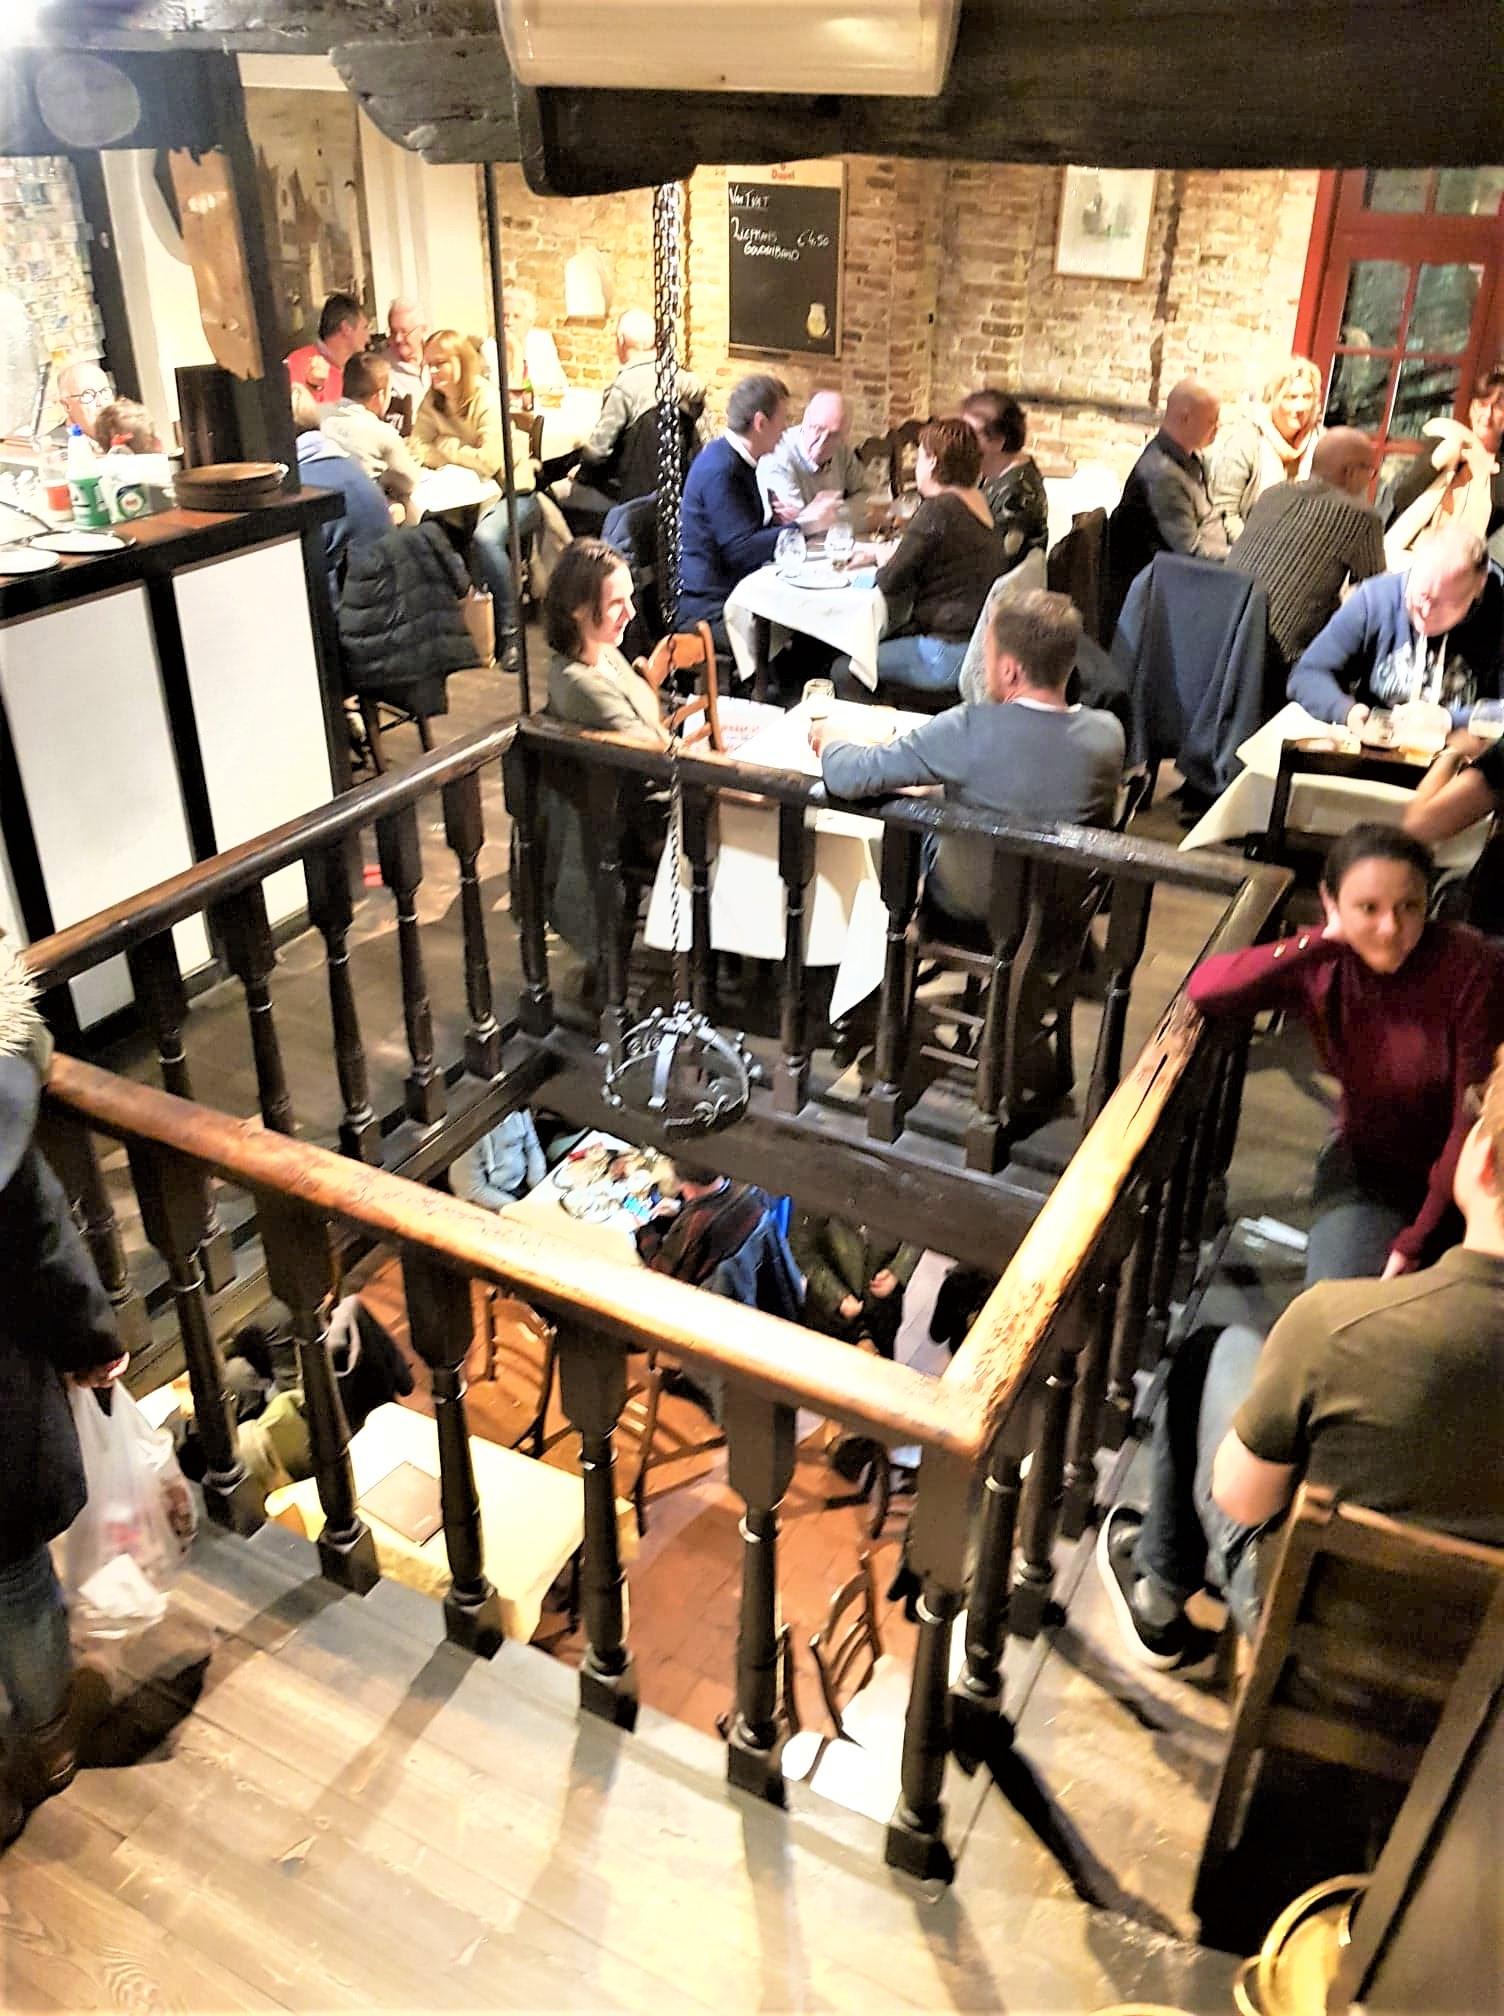 Estimanet-De-Garre-Bruges-clioandco-blog-voyages-belgique-pub-biere